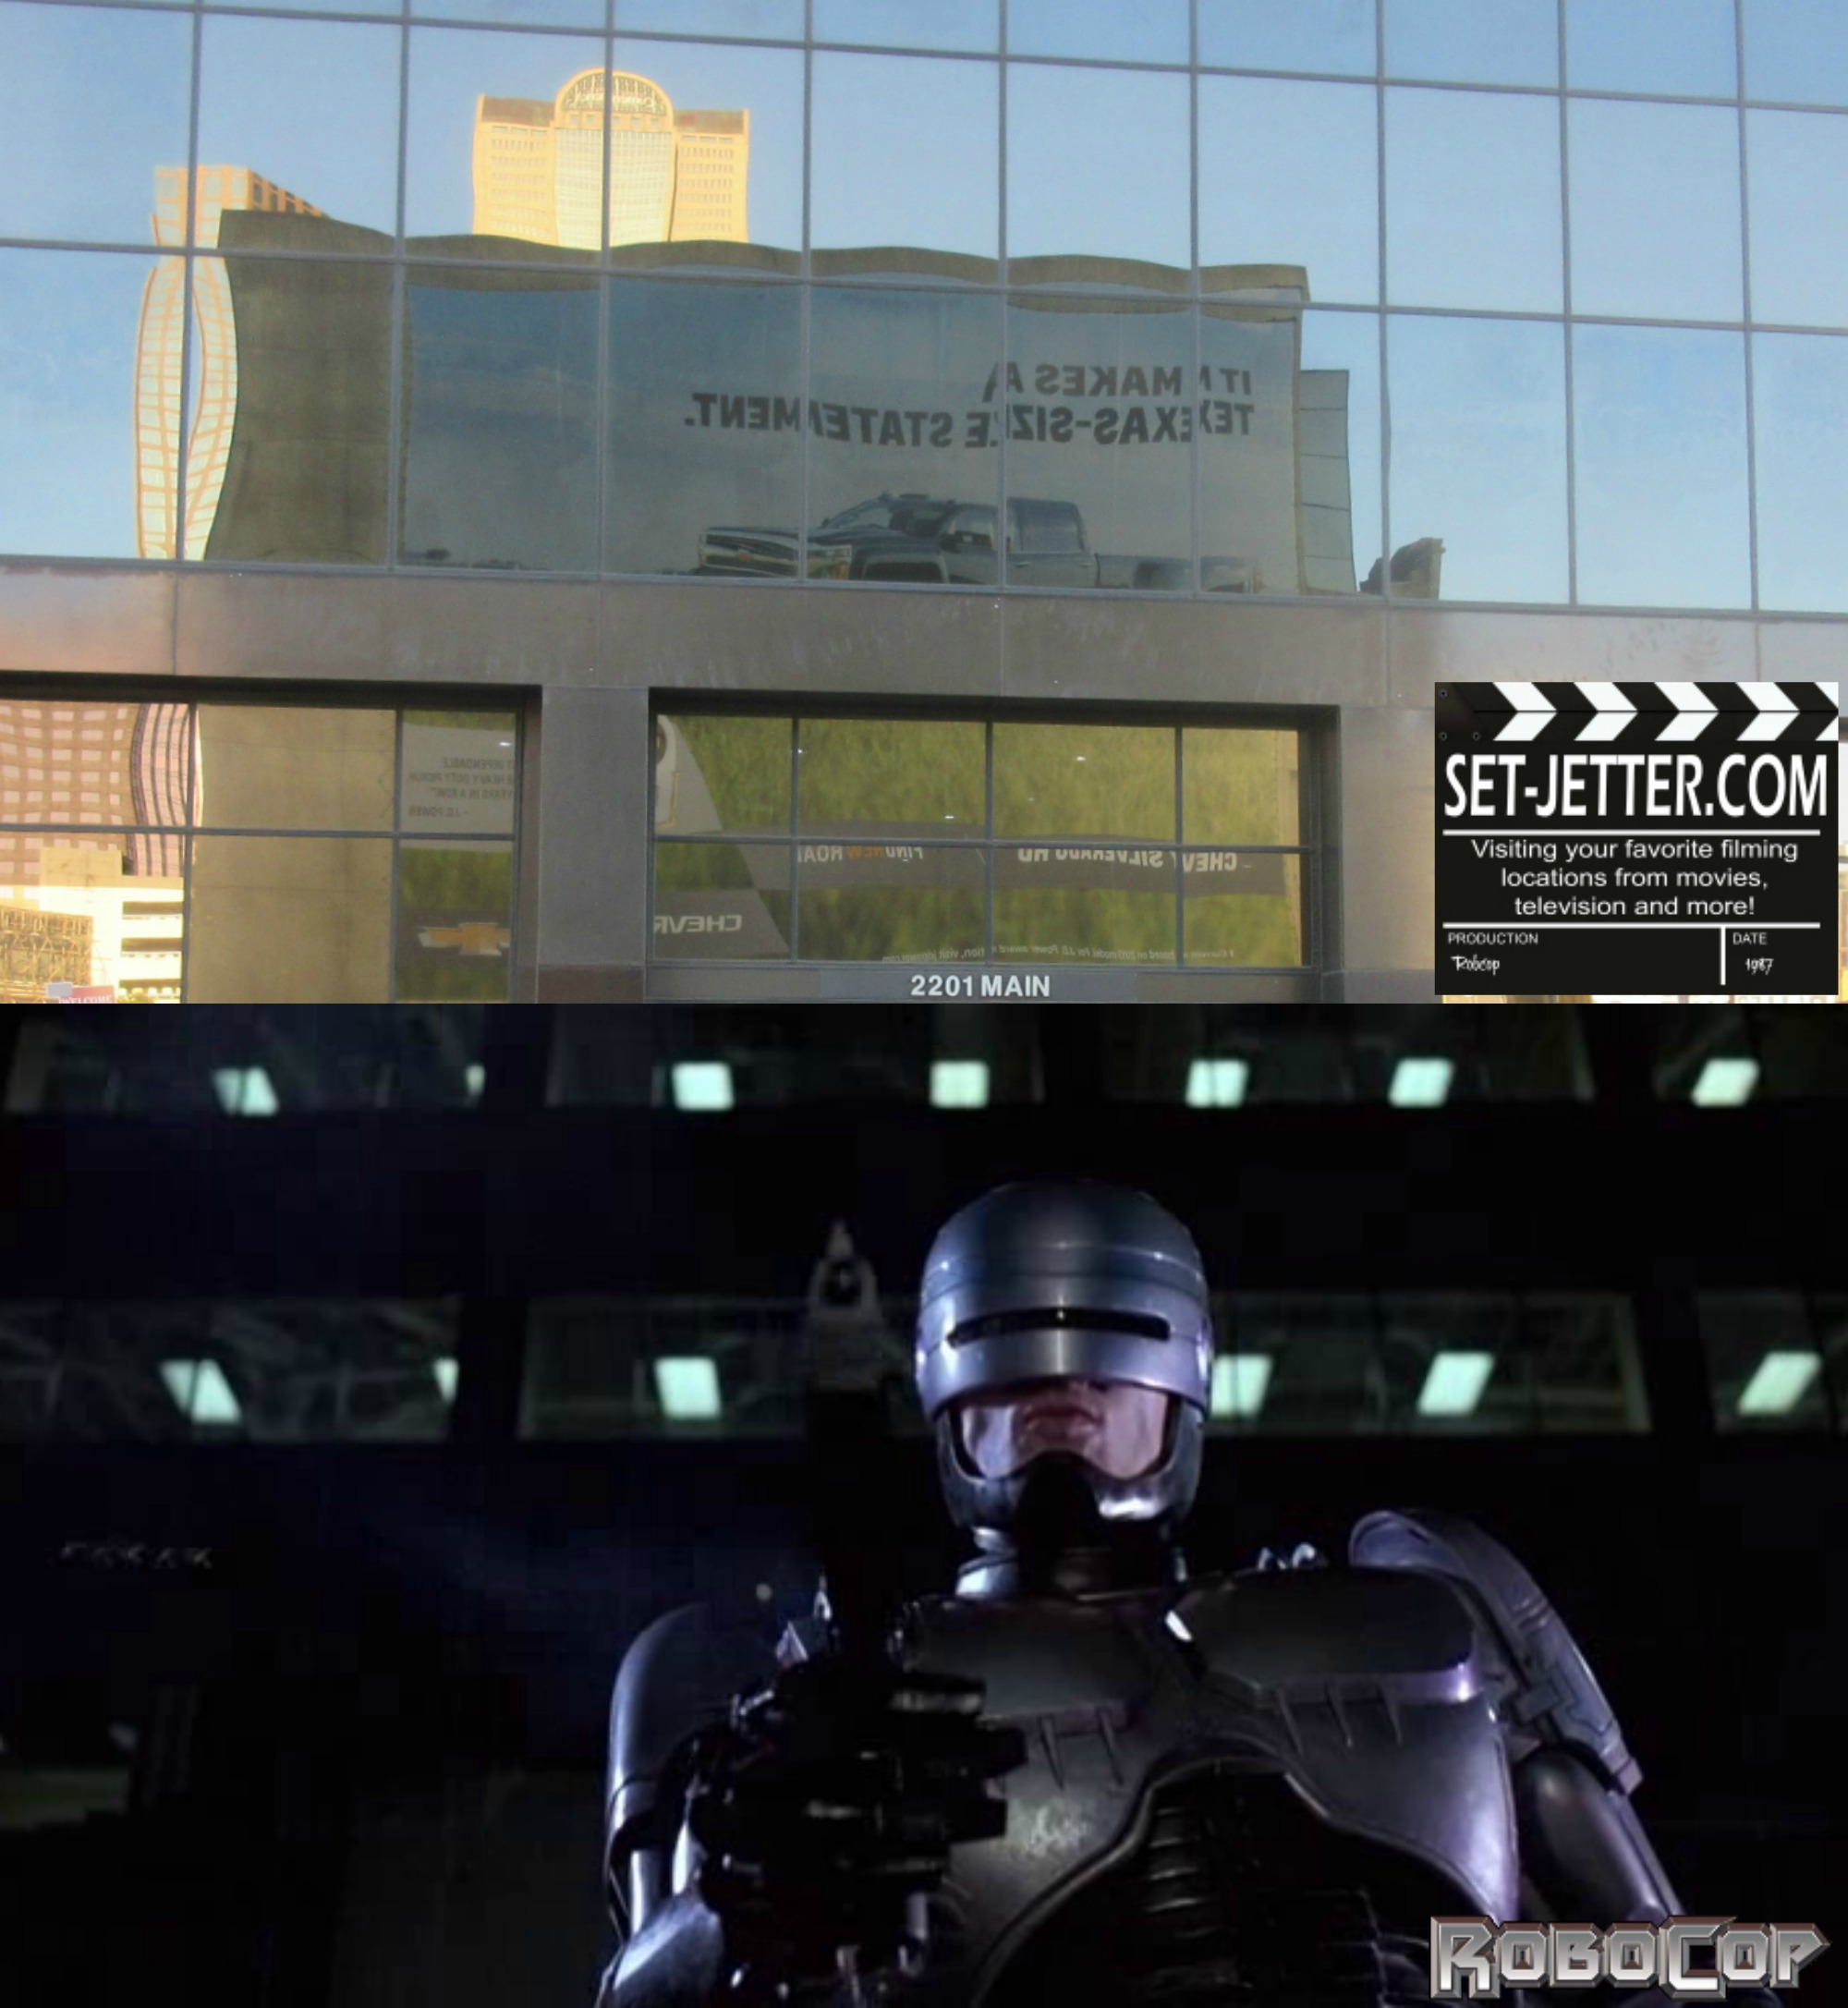 Robocop comparison 65.jpg